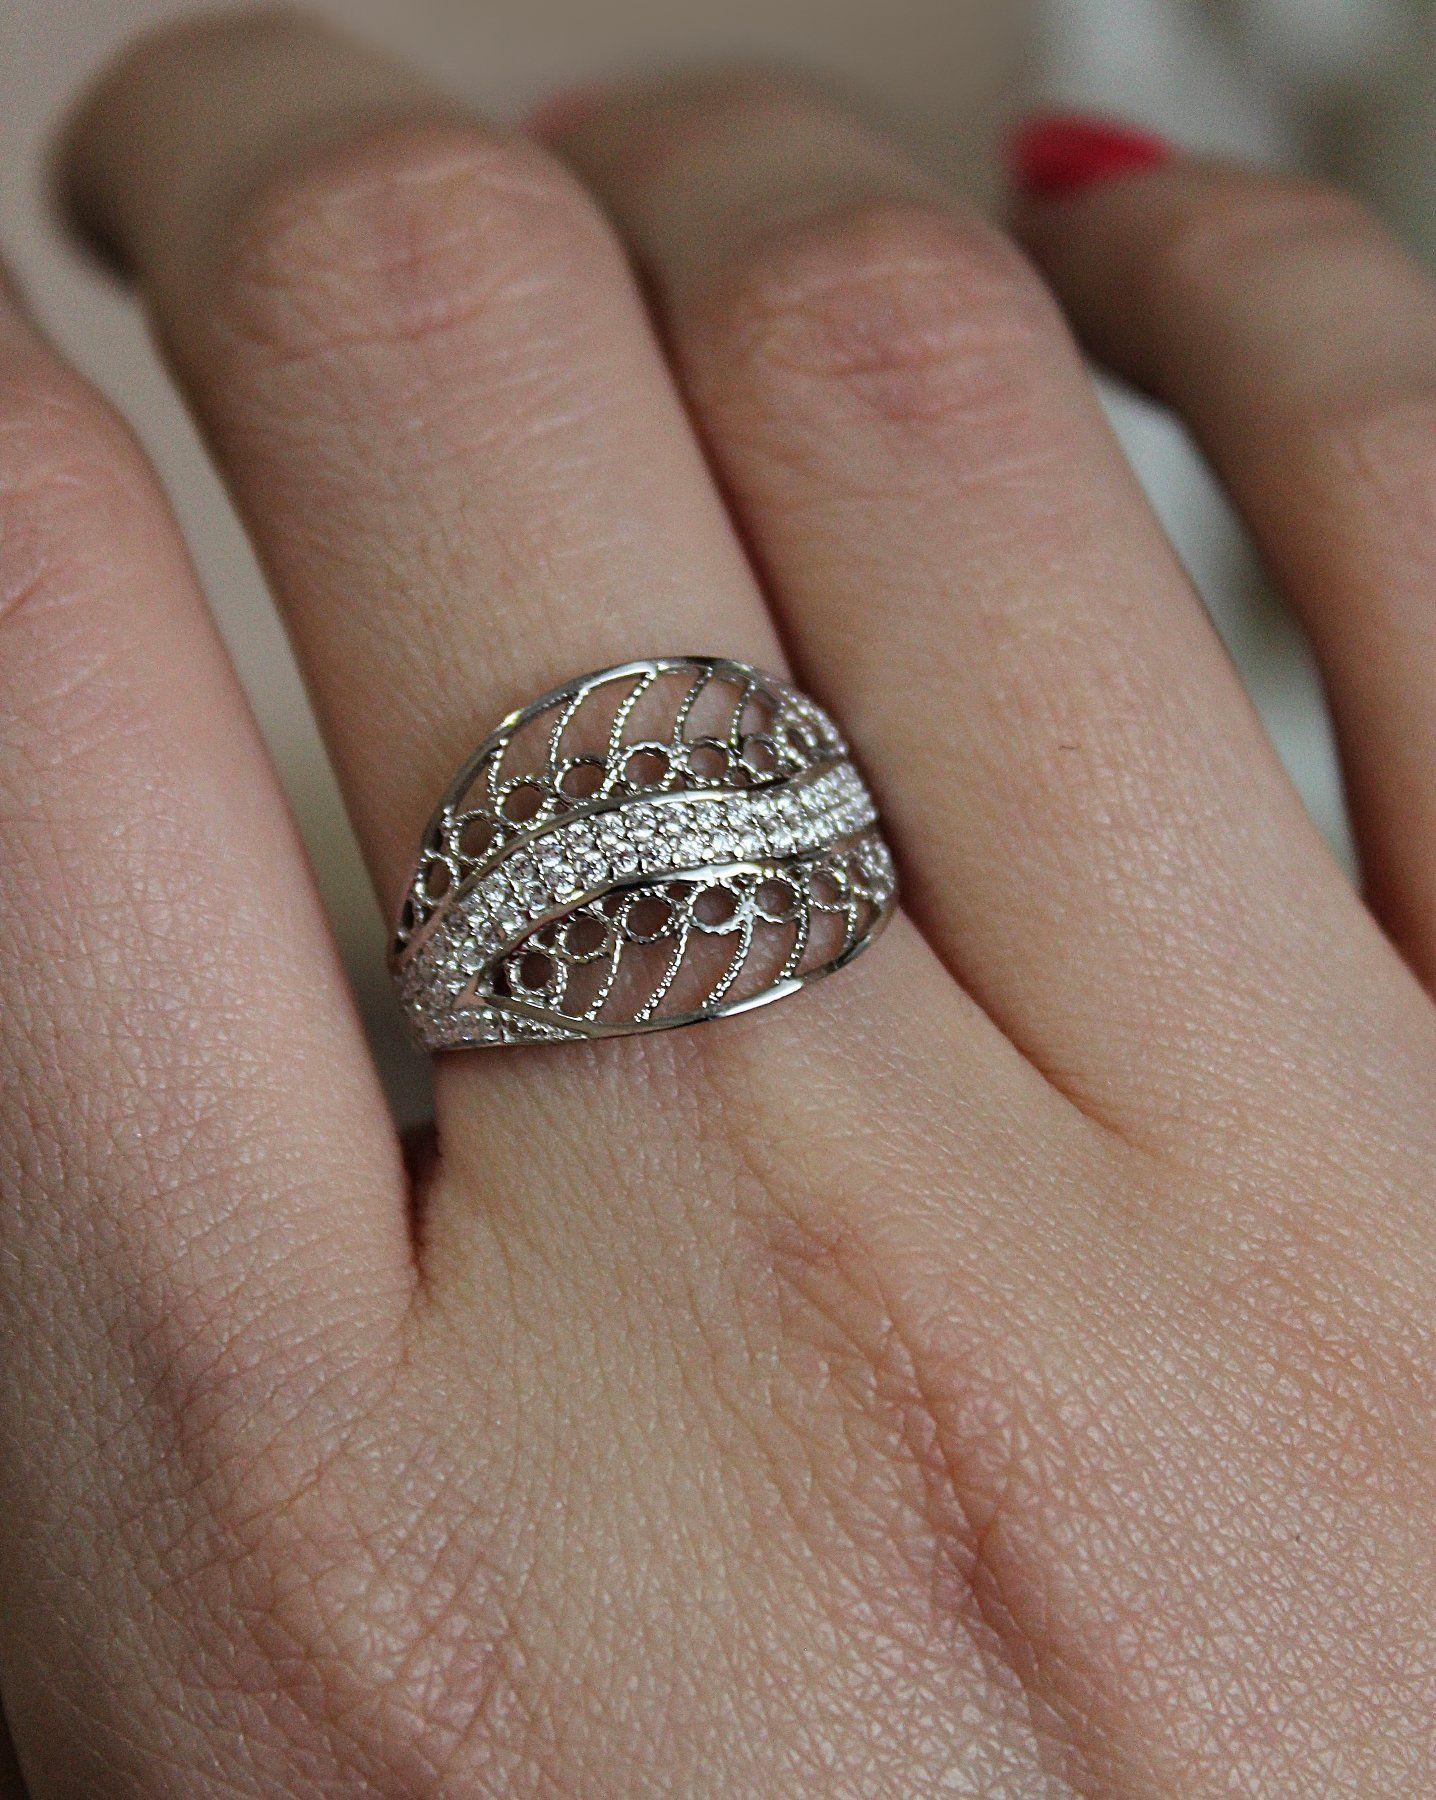 фото серебряного кольца и обычного легко сможете